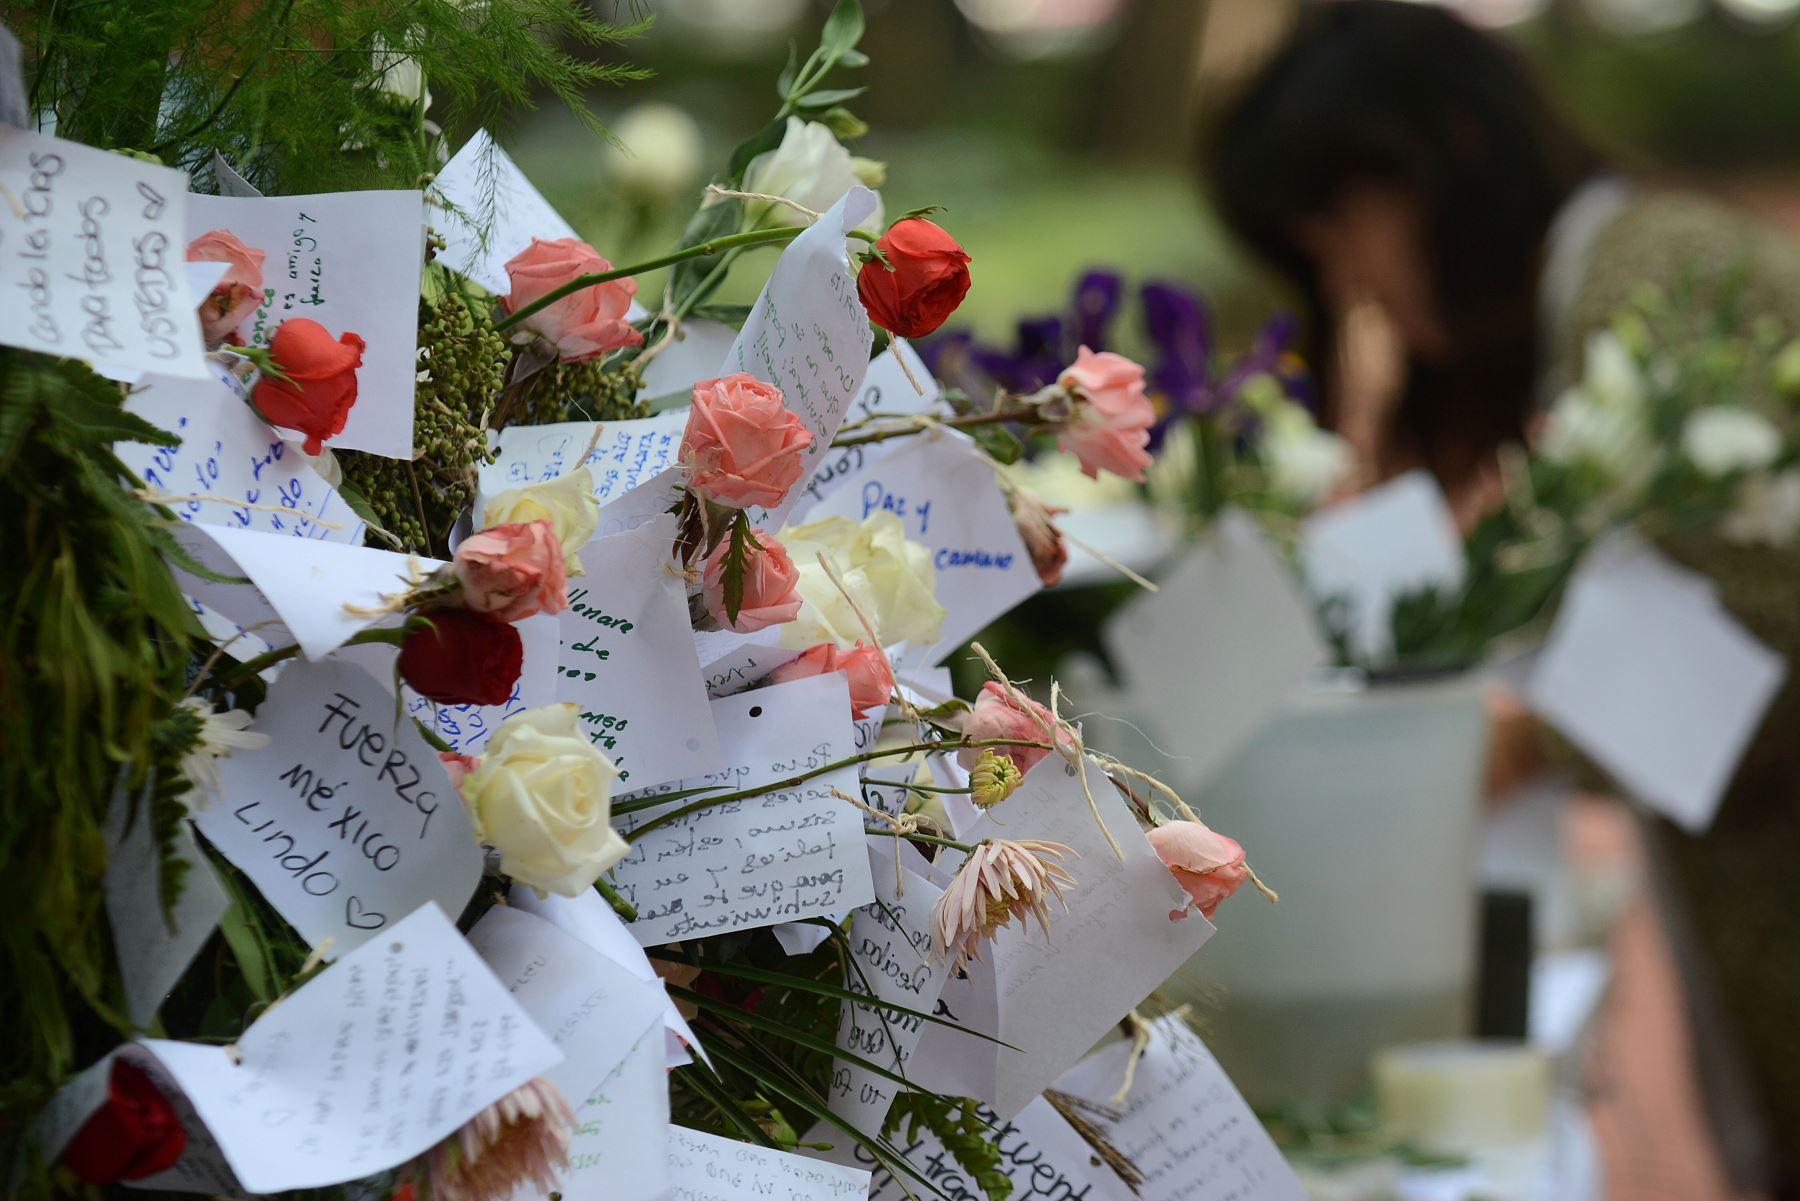 La gente comienza un monumento conmemorativo con flores en un parque frente a uno de los edificios derrumbados en la ciudad de México. Foto:AFP